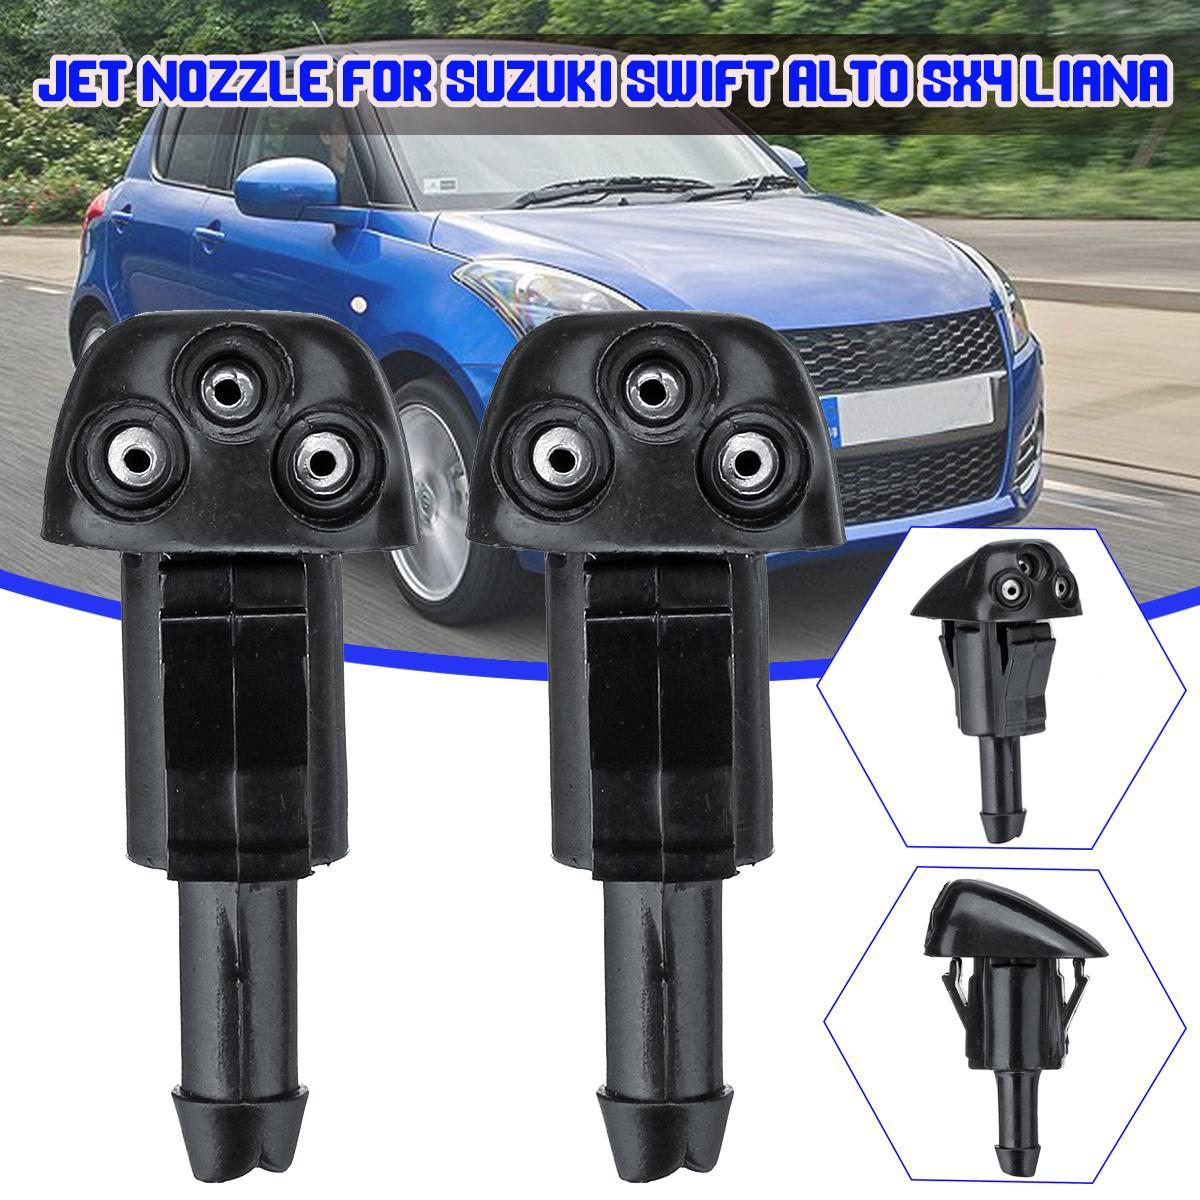 2pcs Windshield Wiper Water Spray Jet Сопло для Suzuki Swift Alto SX4 Лиана фото